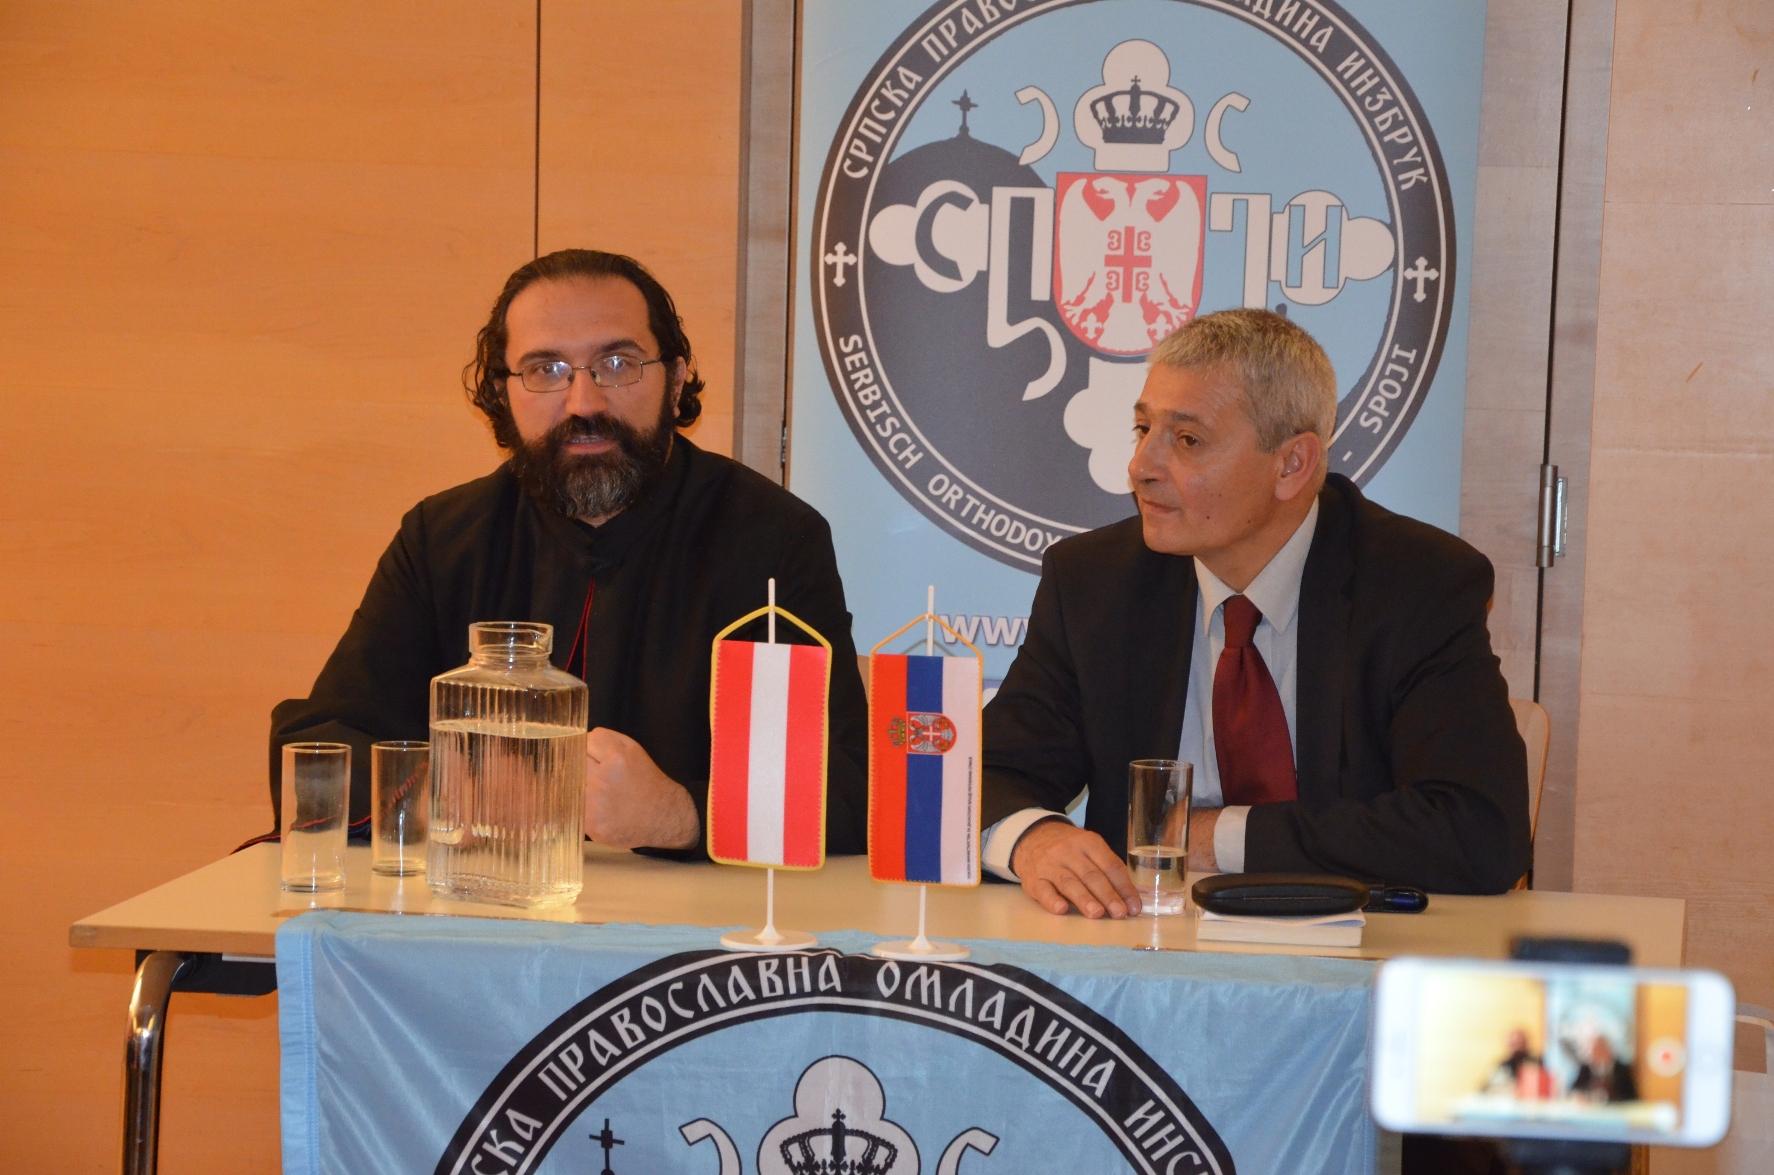 - Отац Арсеније и мр Радован Калабић током предавачког дела вечери -